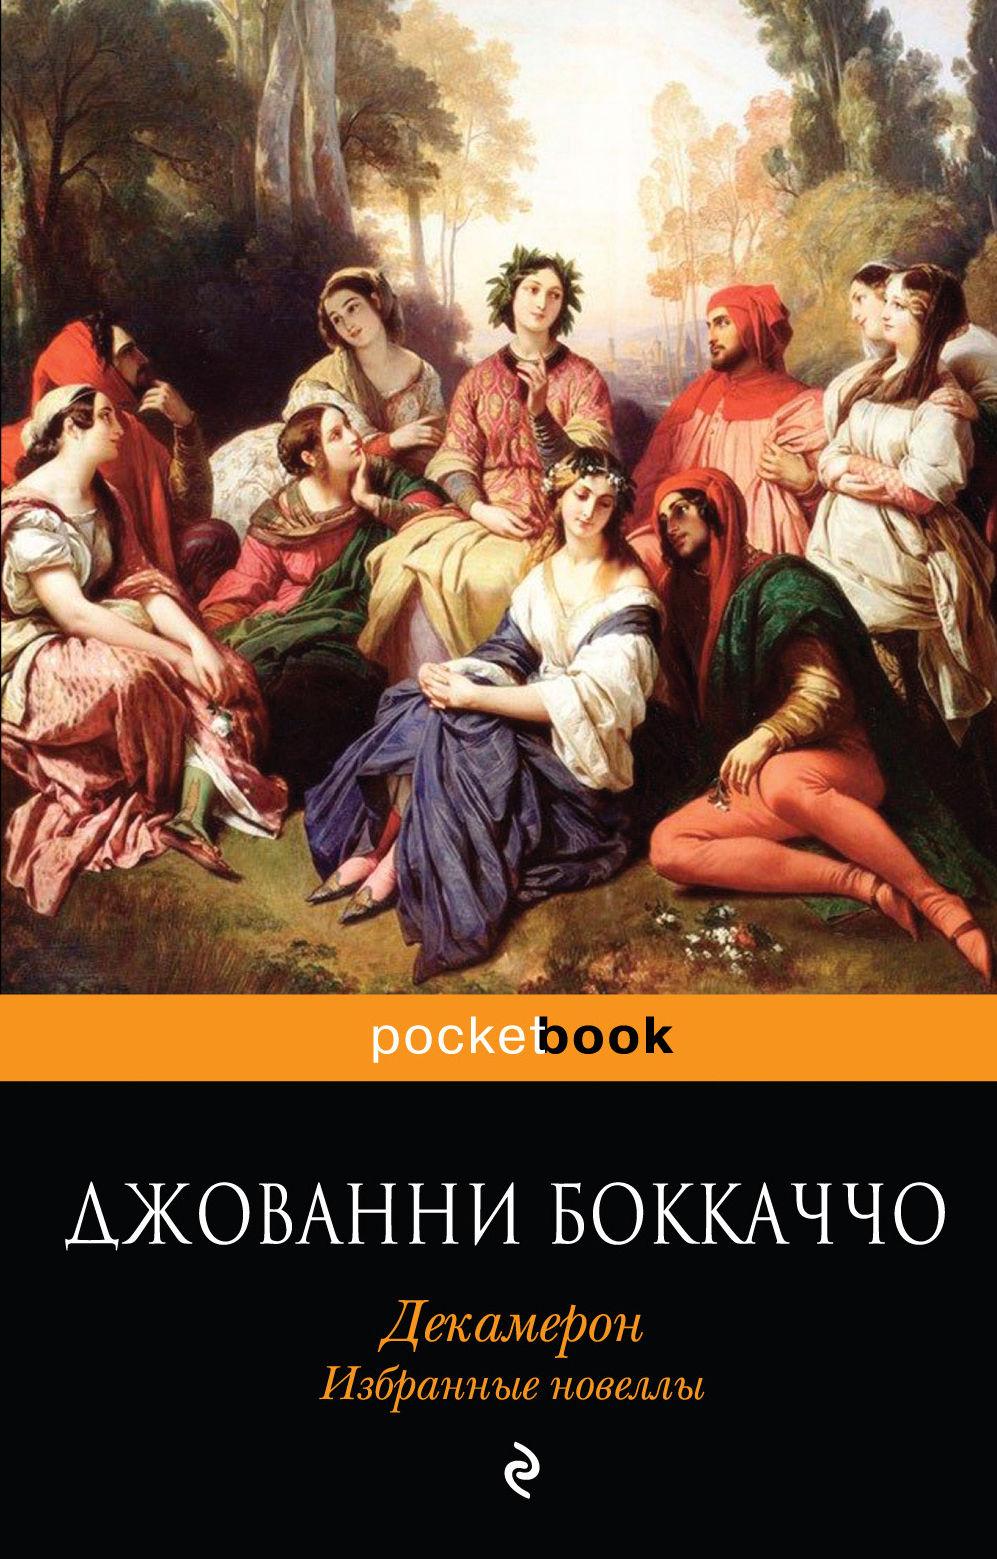 Купить Декамерон. Избранные новеллы, Джованни Боккаччо, 978-5-699-58290-7